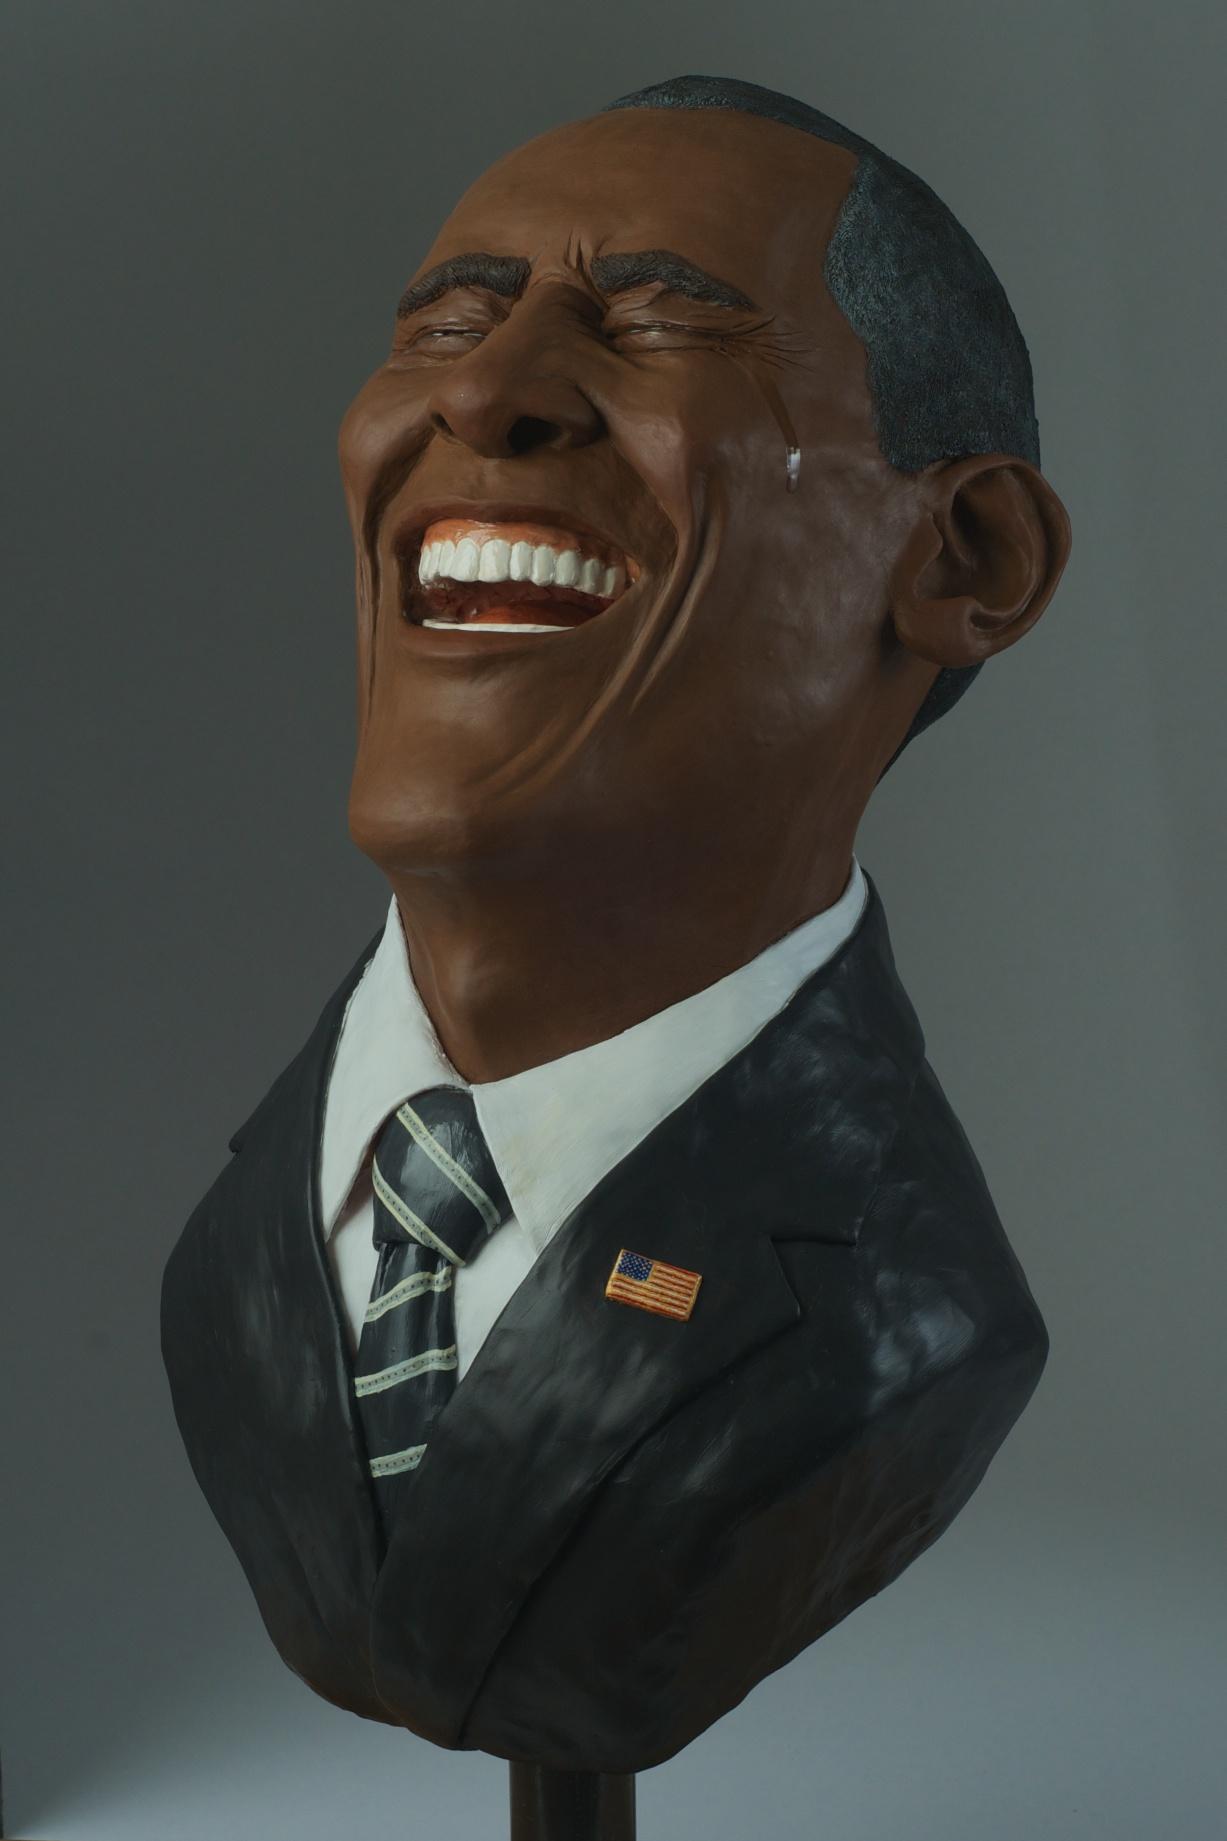 Barack_SM 1.jpg